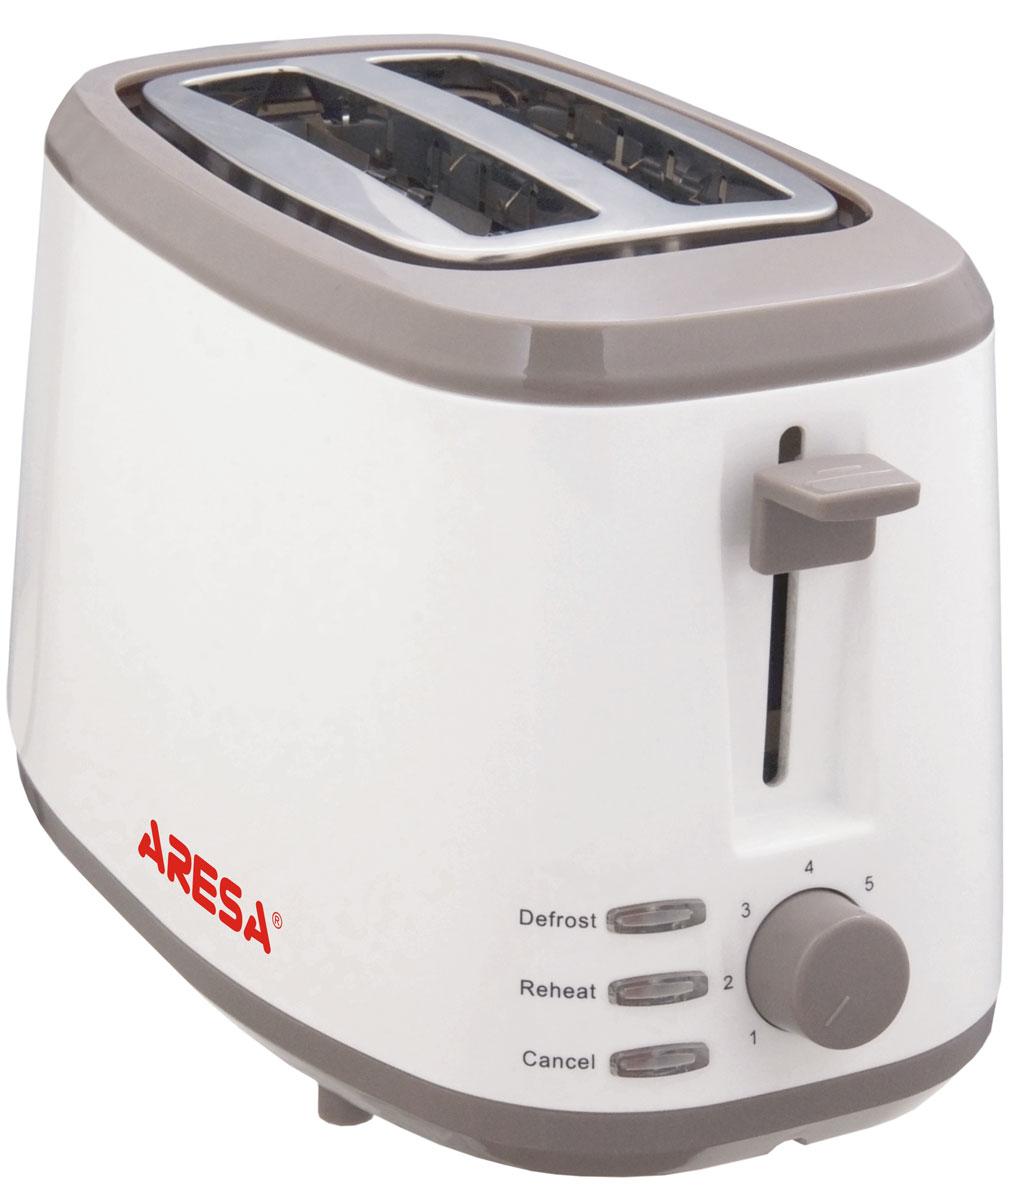 Aresa AR-3003 тостерAR-3003Тостер Aresa AR-3003 имеет надежный и прочный корпус из термостойкого пластика. Вы можете регулировать степень поджаривания хлеба (доступно 6 режимов) по вашему вкусу. Прибор также имеет функцию отмены/подогрева/разморозки с LED индикацией. Съемный поддон для крошек и отсек для хранения шнура обеспечит комфортное и безопасное использование прибора.